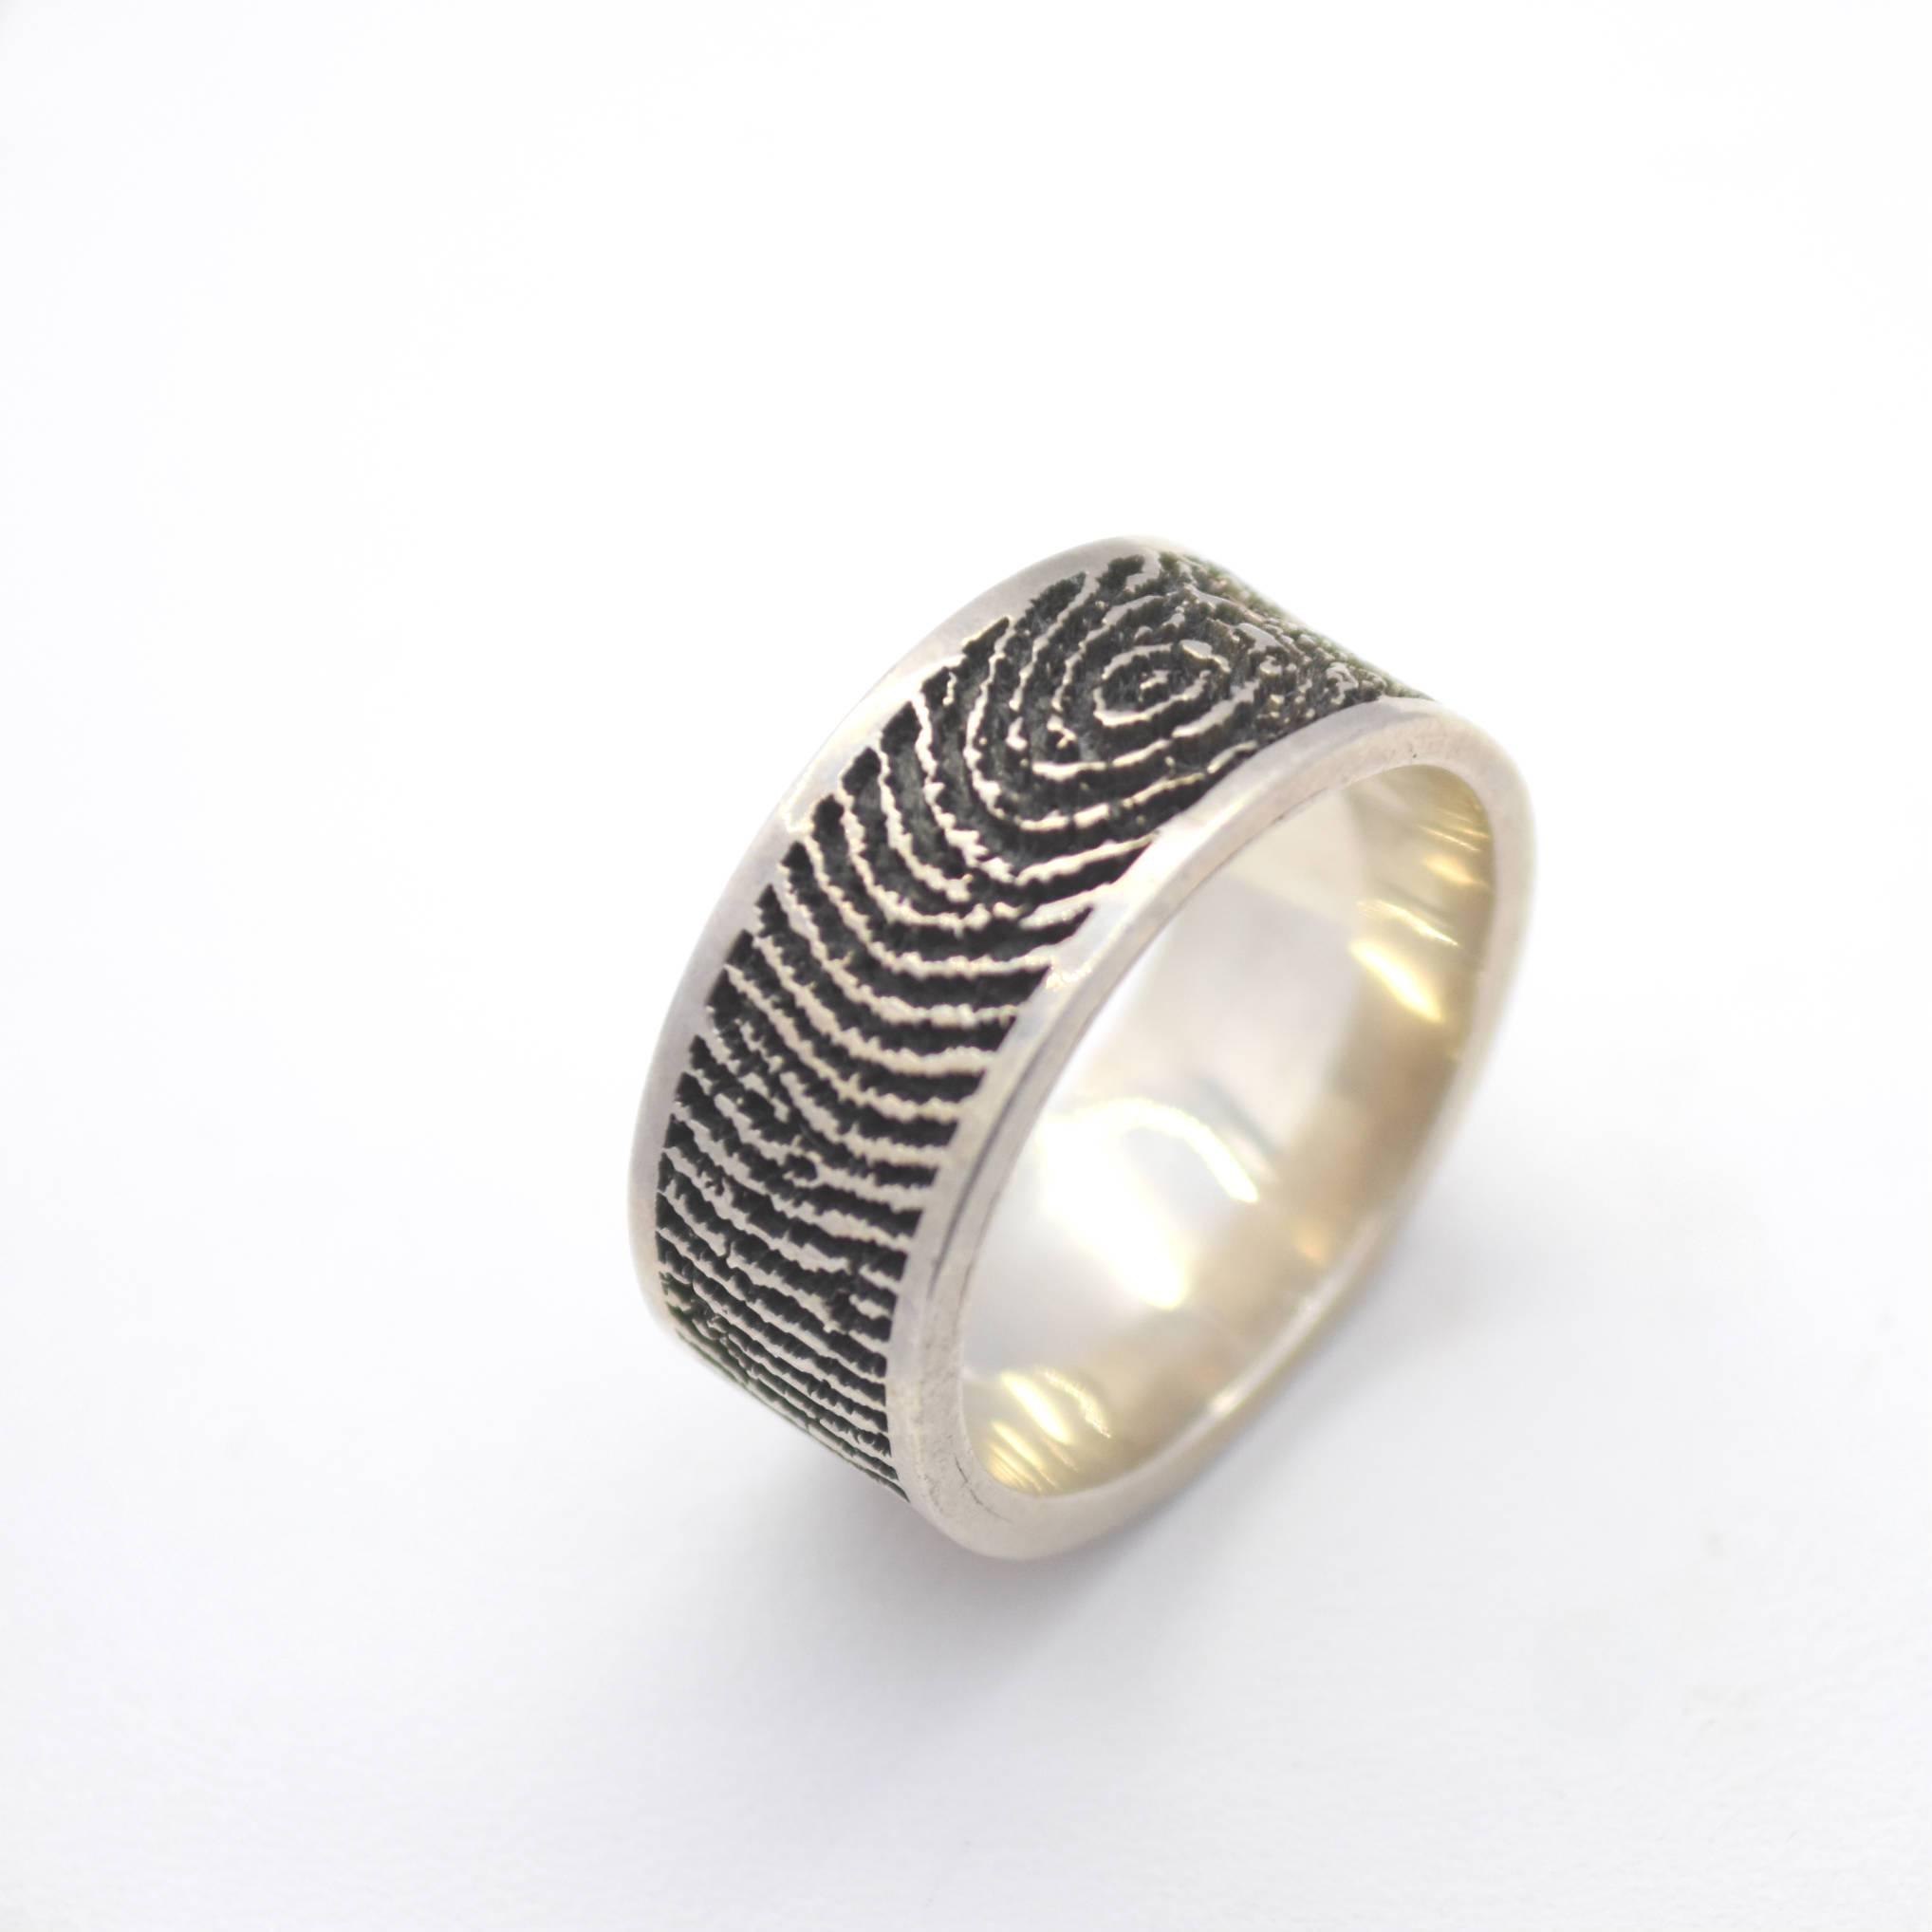 fingerpring ring winnipeg